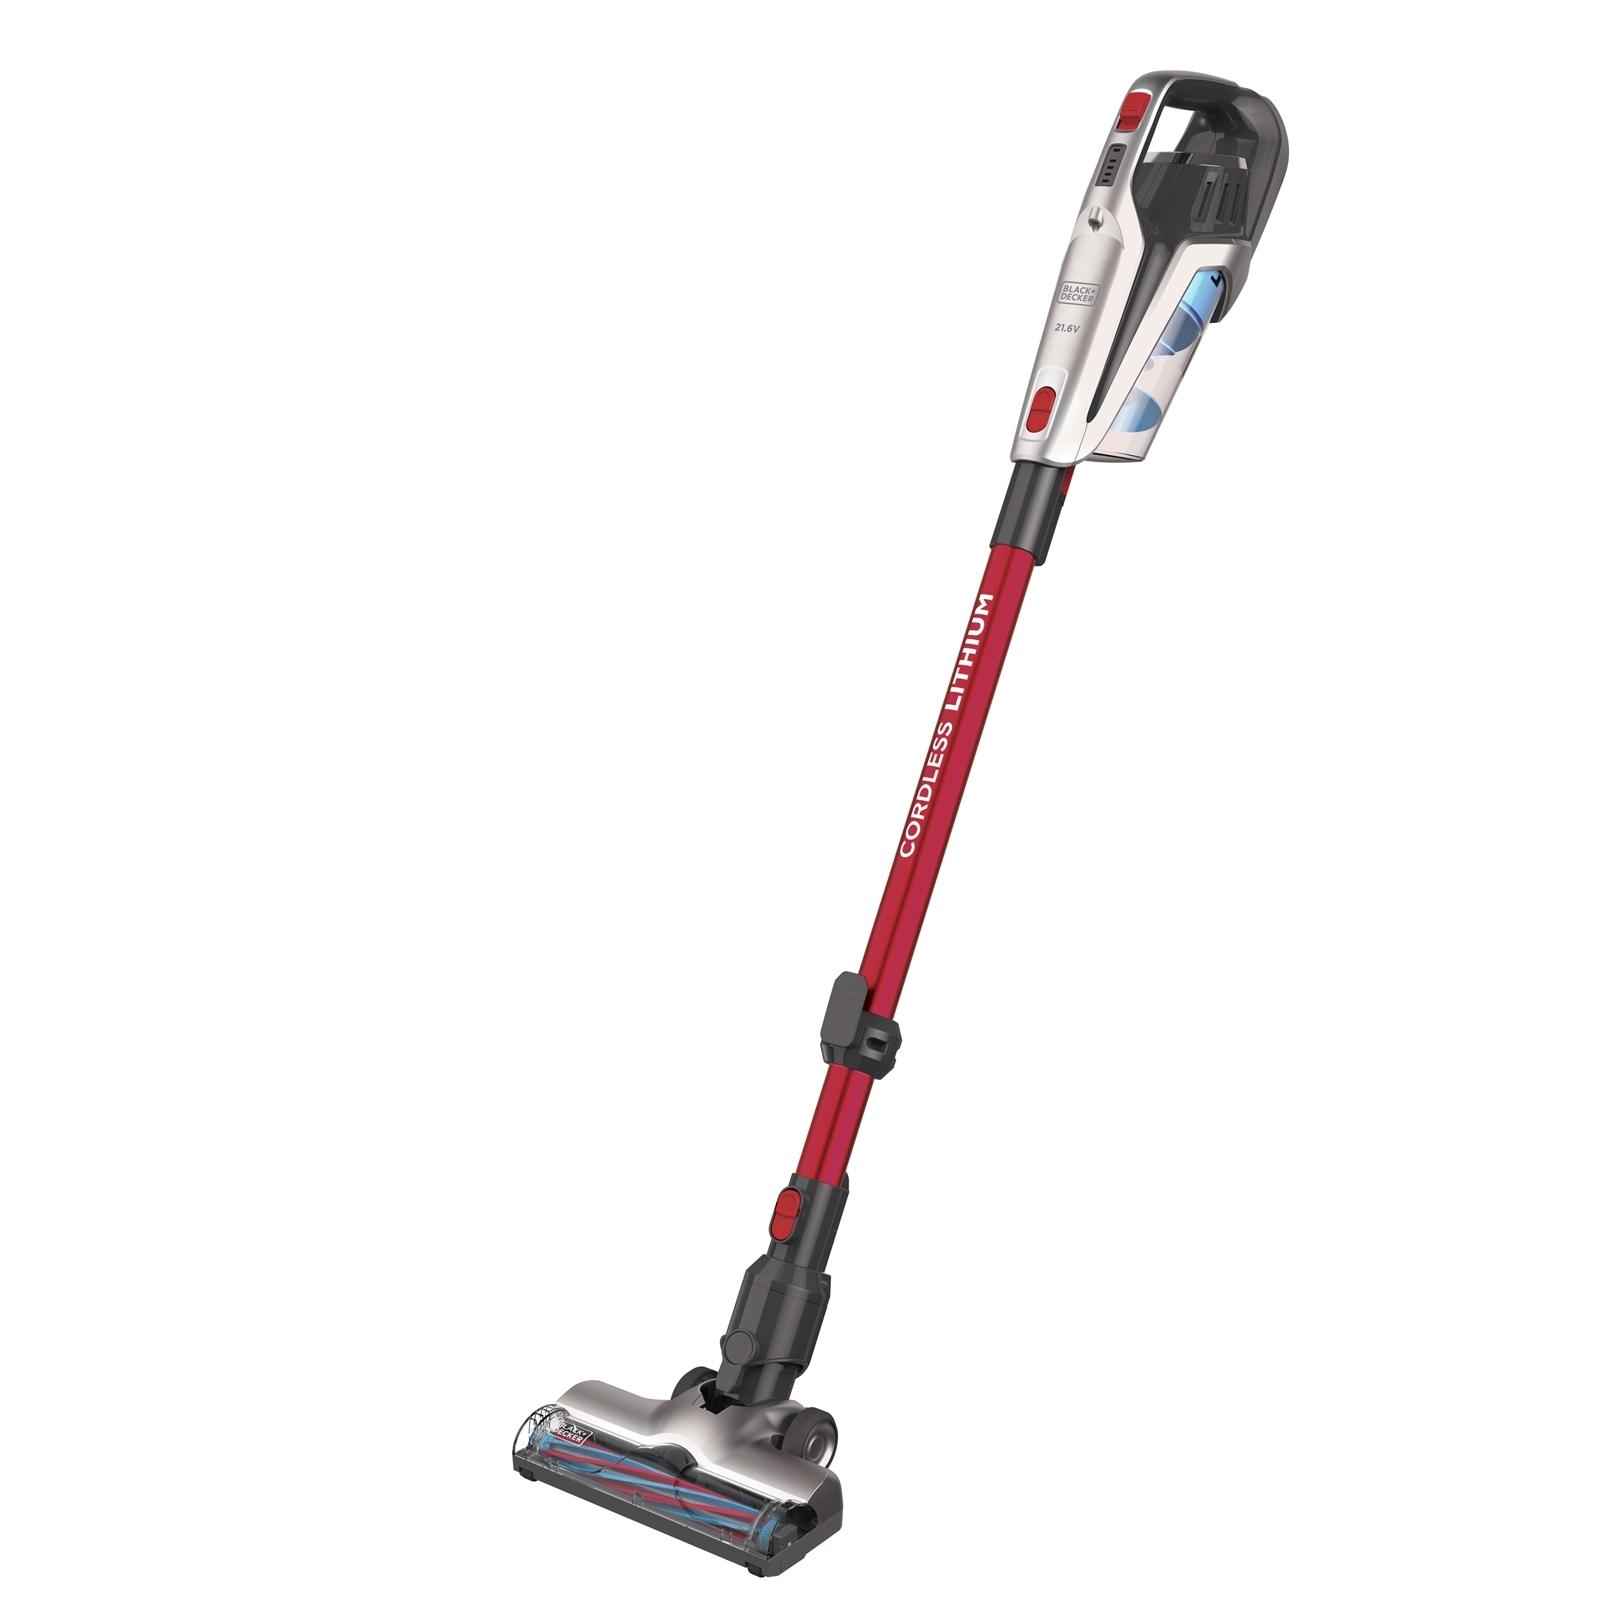 Black & Decker 21.6V 3-In-1 Stick Vacuum